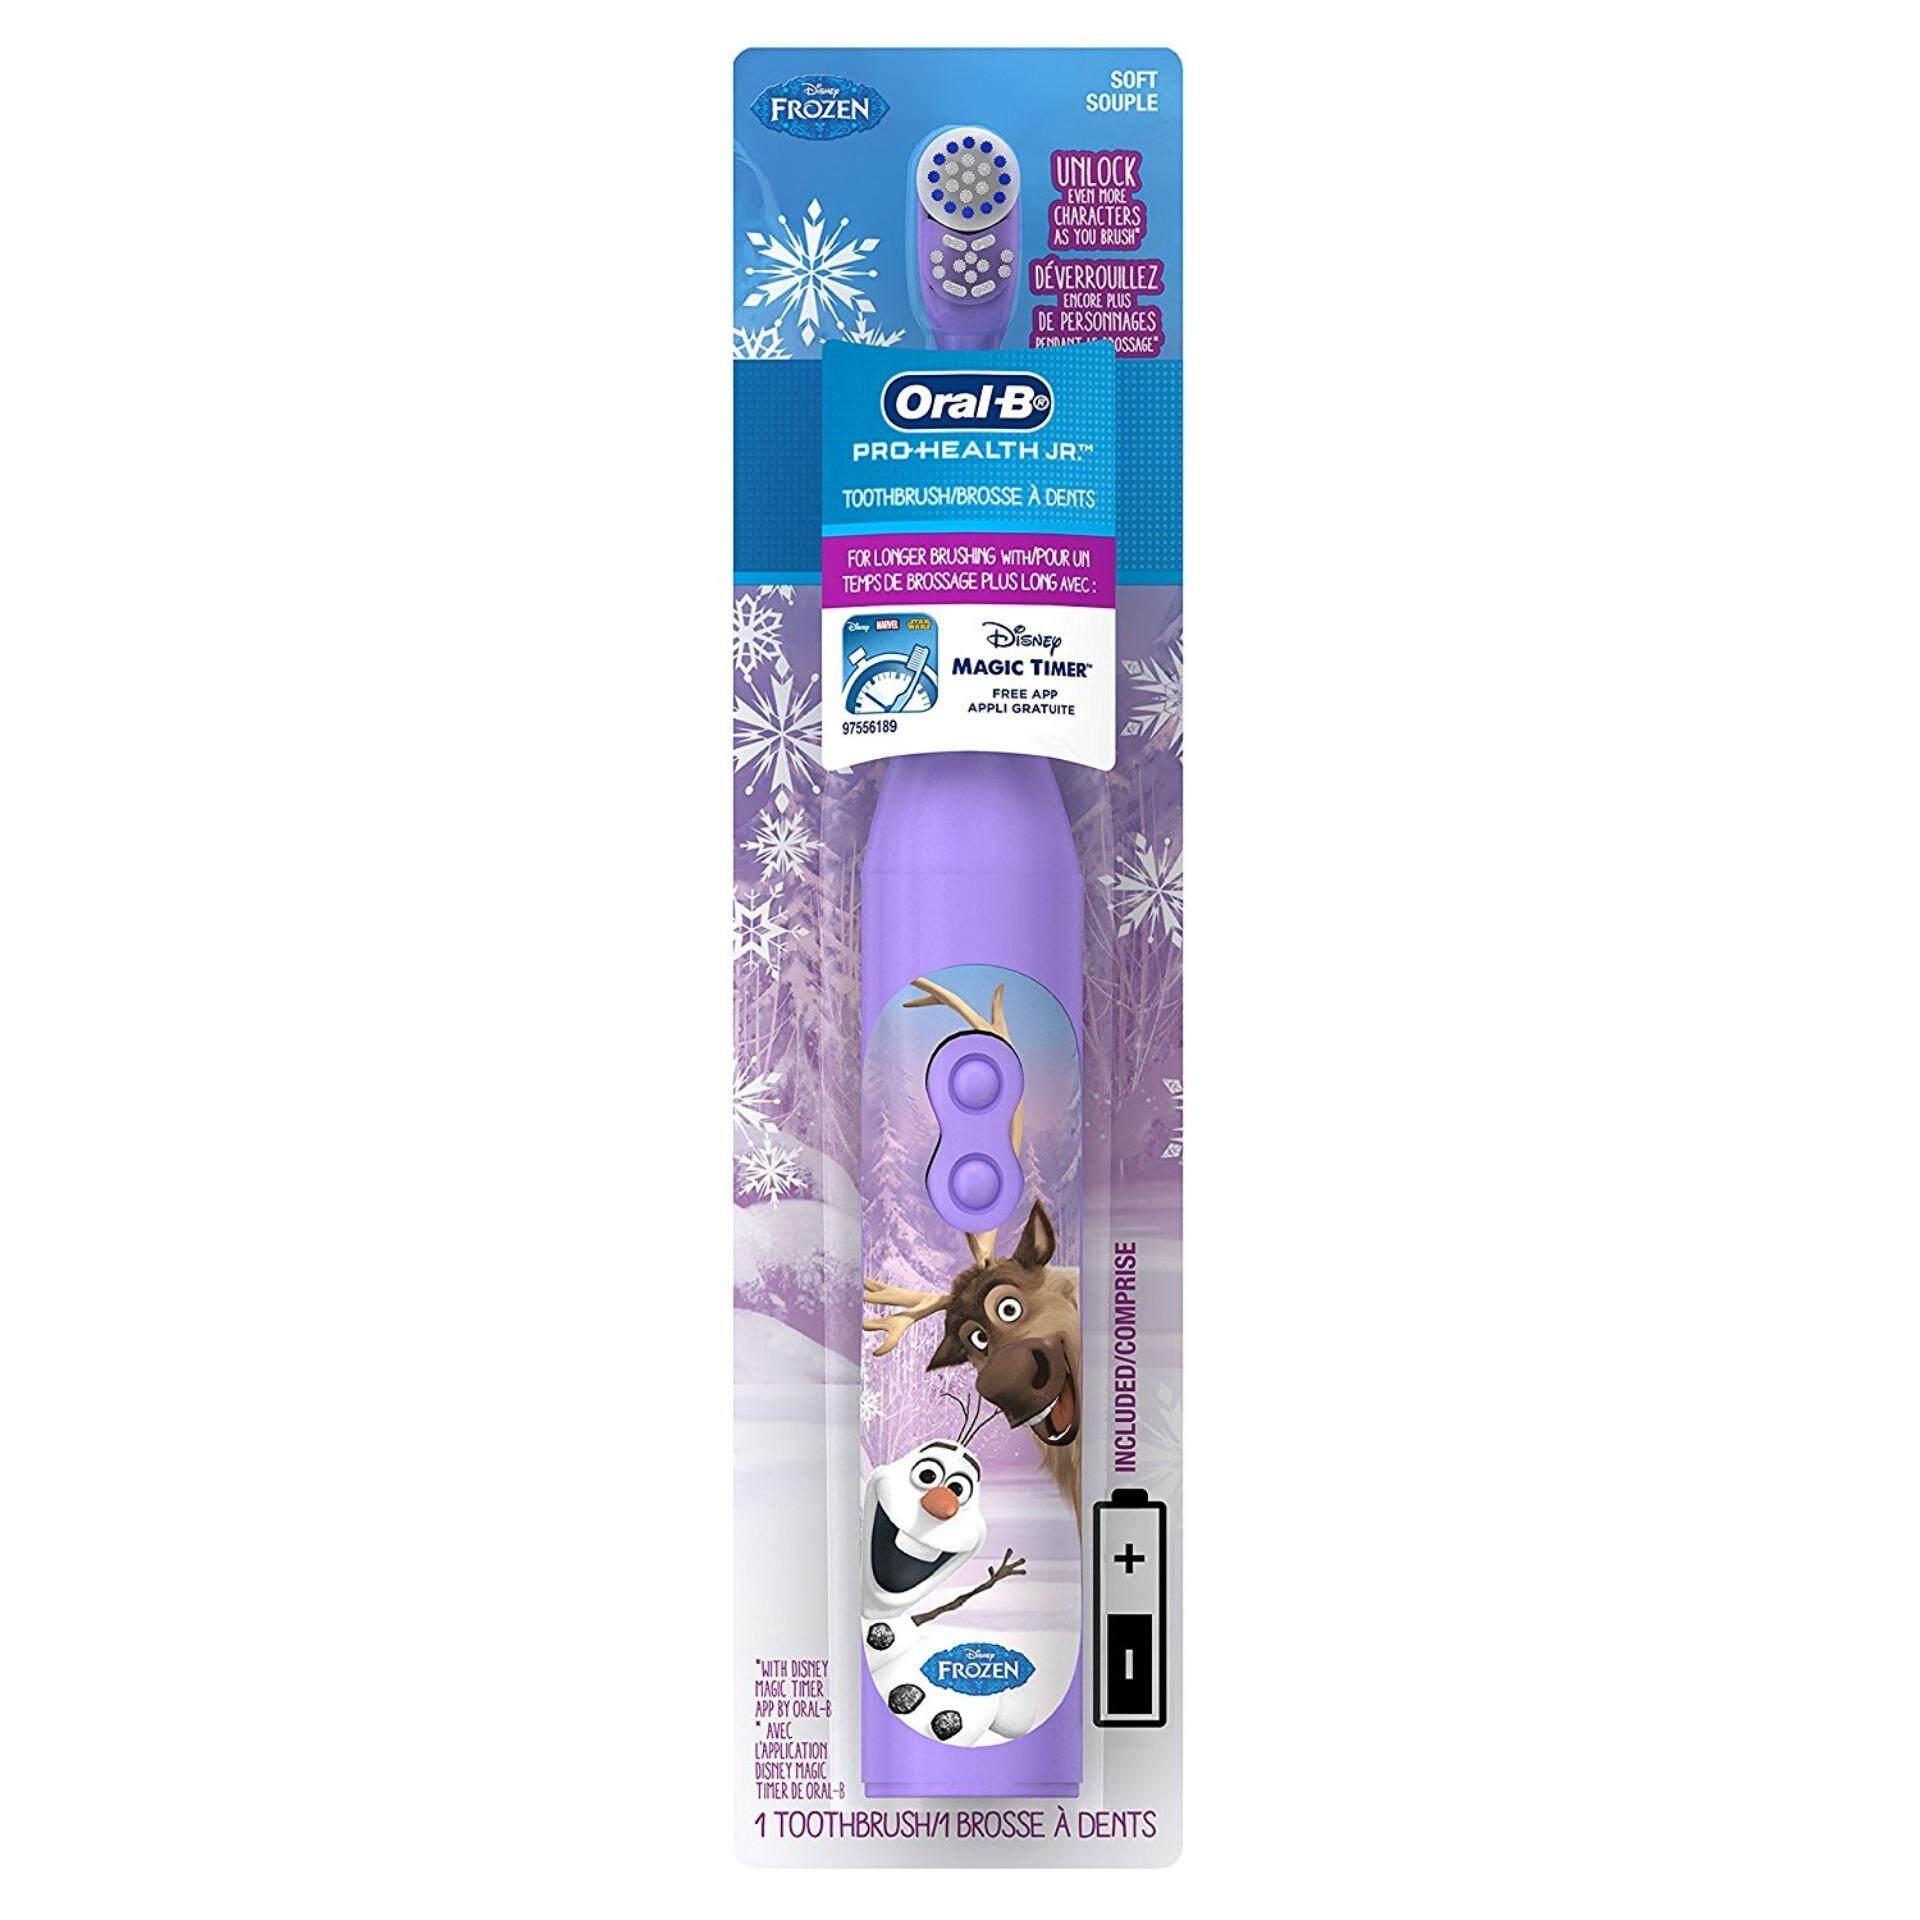 แปรงสีฟันไฟฟ้าเพื่อรอยยิ้มขาวสดใส สงขลา แปรงสีฟันไฟฟ้า Oral B Pro Health Battery Power Electric Toothbrush for Kids Olaf